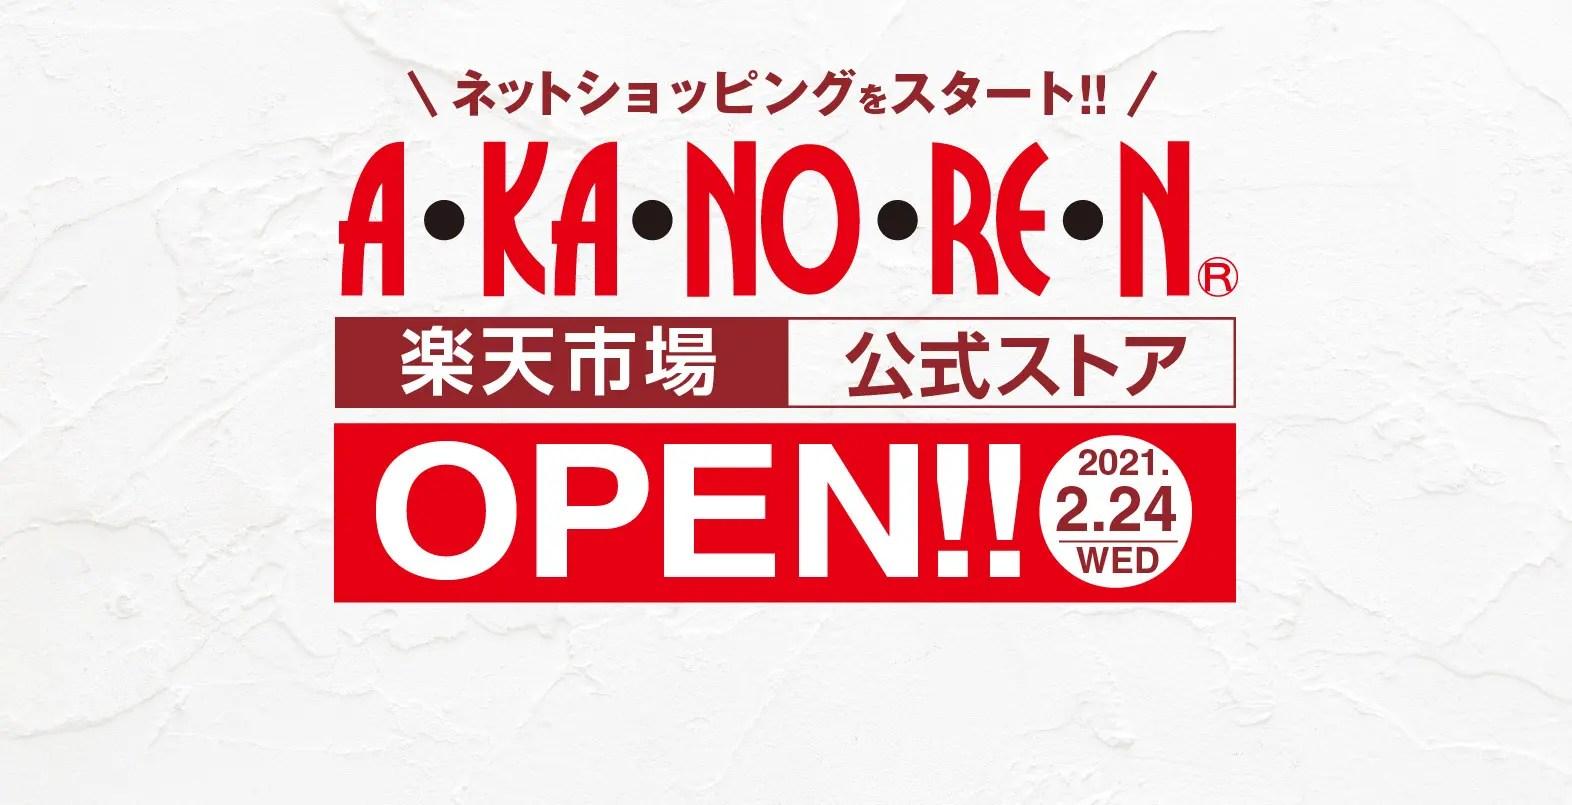 待望のあかのれん通販サイト、楽天市場店が2月24日(水)10時オープン!